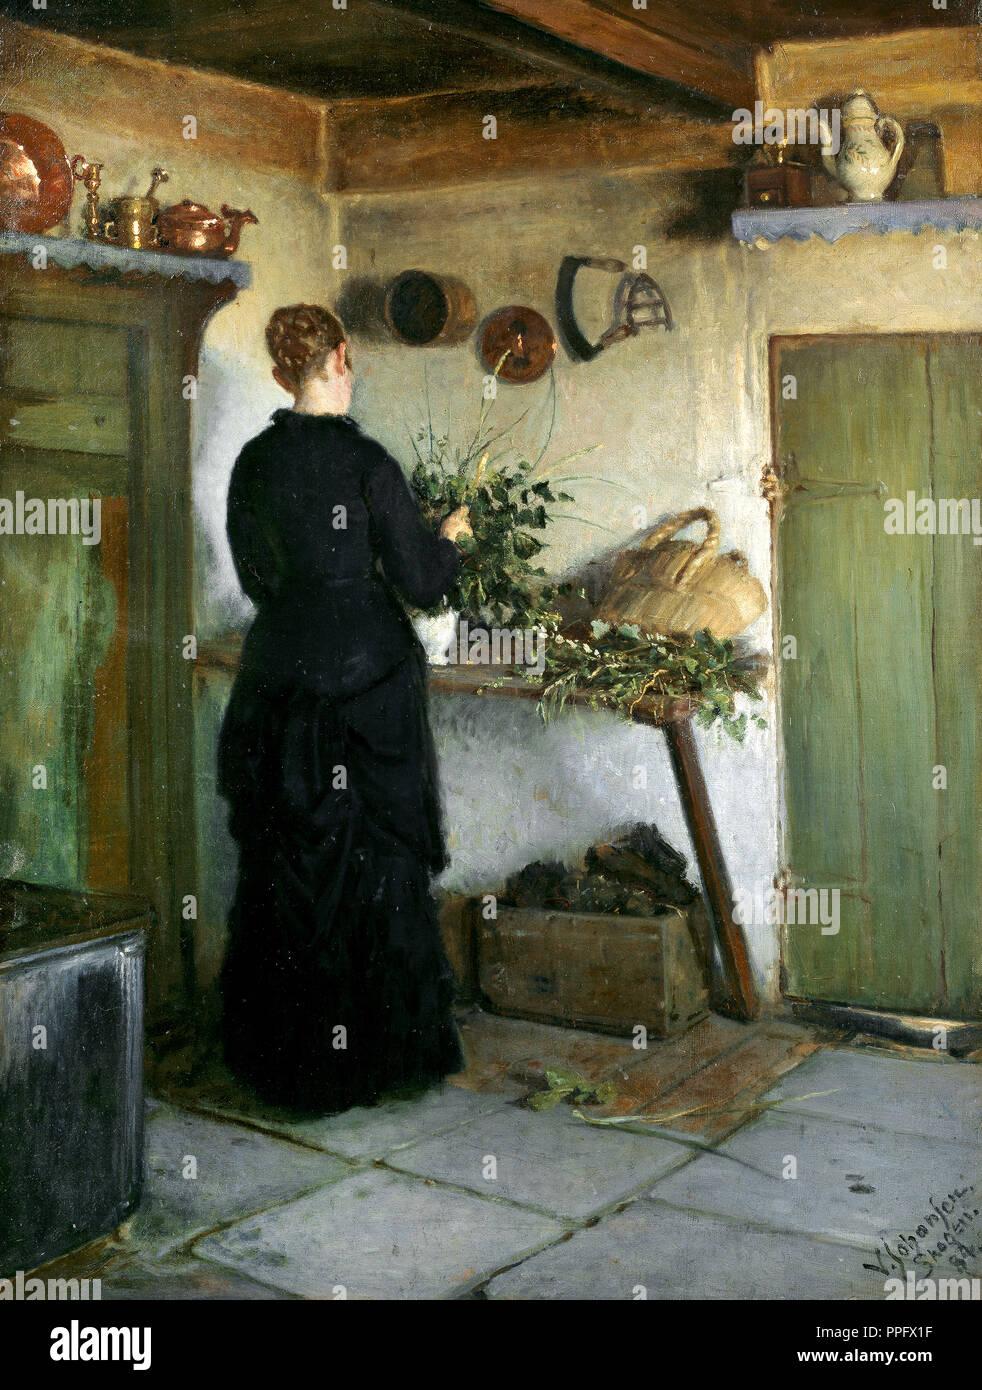 Viggo Johansen - Küche Interieur. Der Künstlerin Frau Anordnen von Blumen. 1884, Öl auf Leinwand. Skagens Museum, Skagen, Dänemark. Stockbild